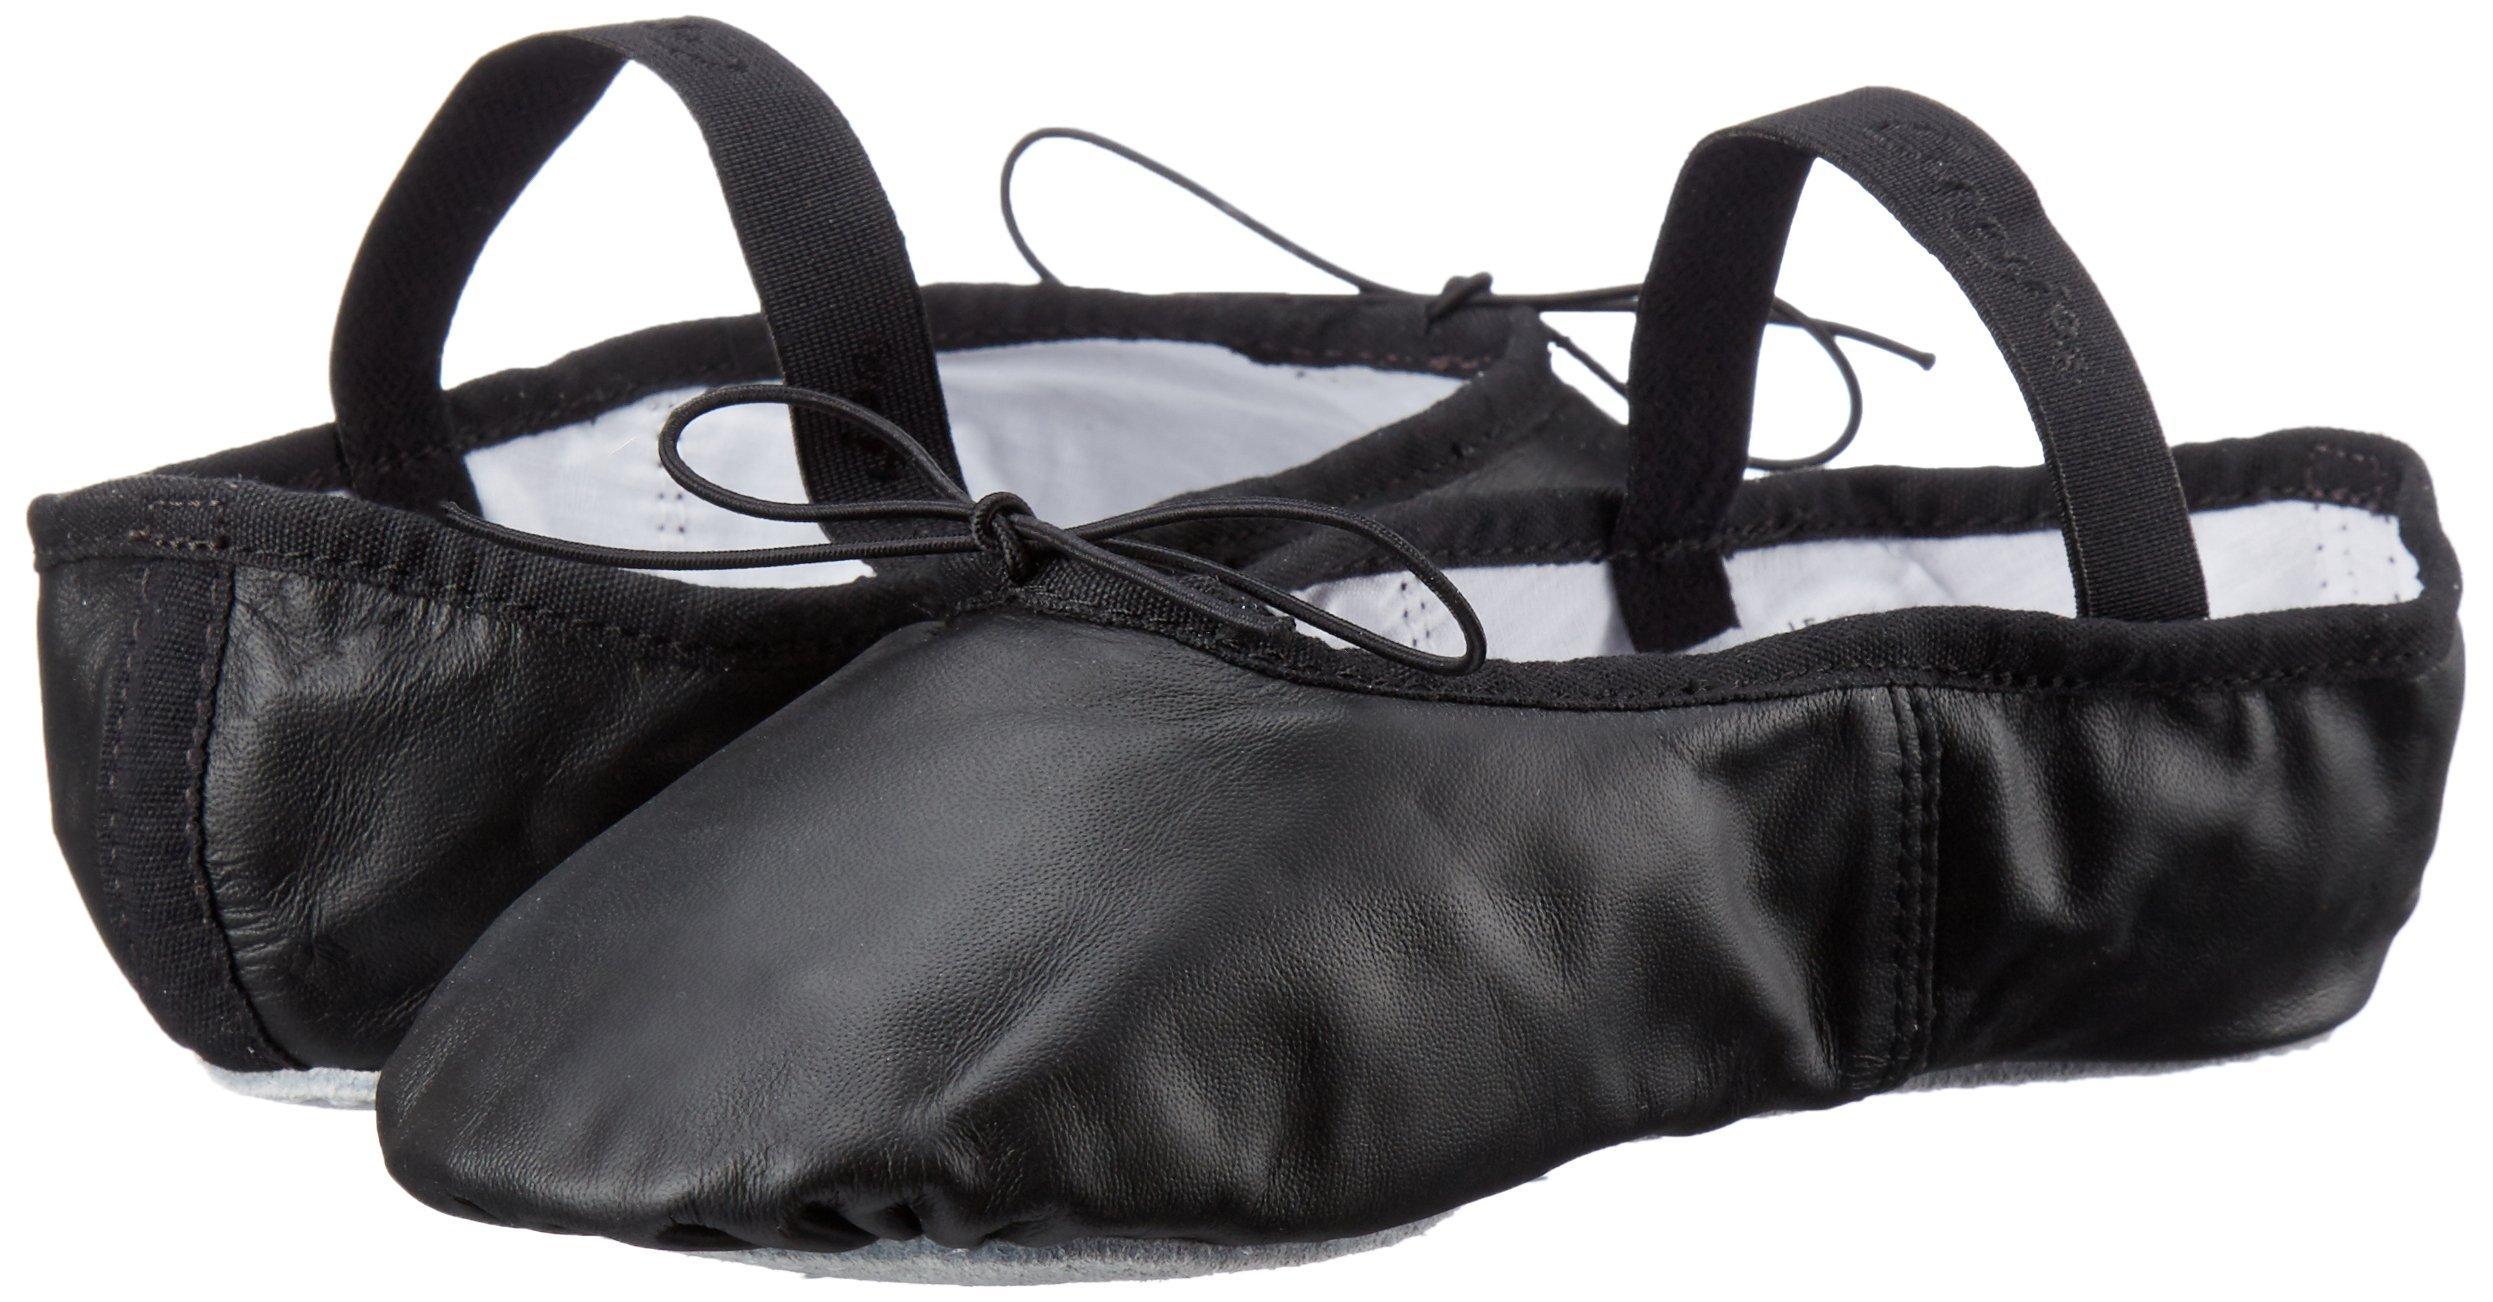 Capezio Daisy 205 Ballet Shoe (Toddler/Little Kid),Black,10 M US Little Kid by Capezio (Image #6)